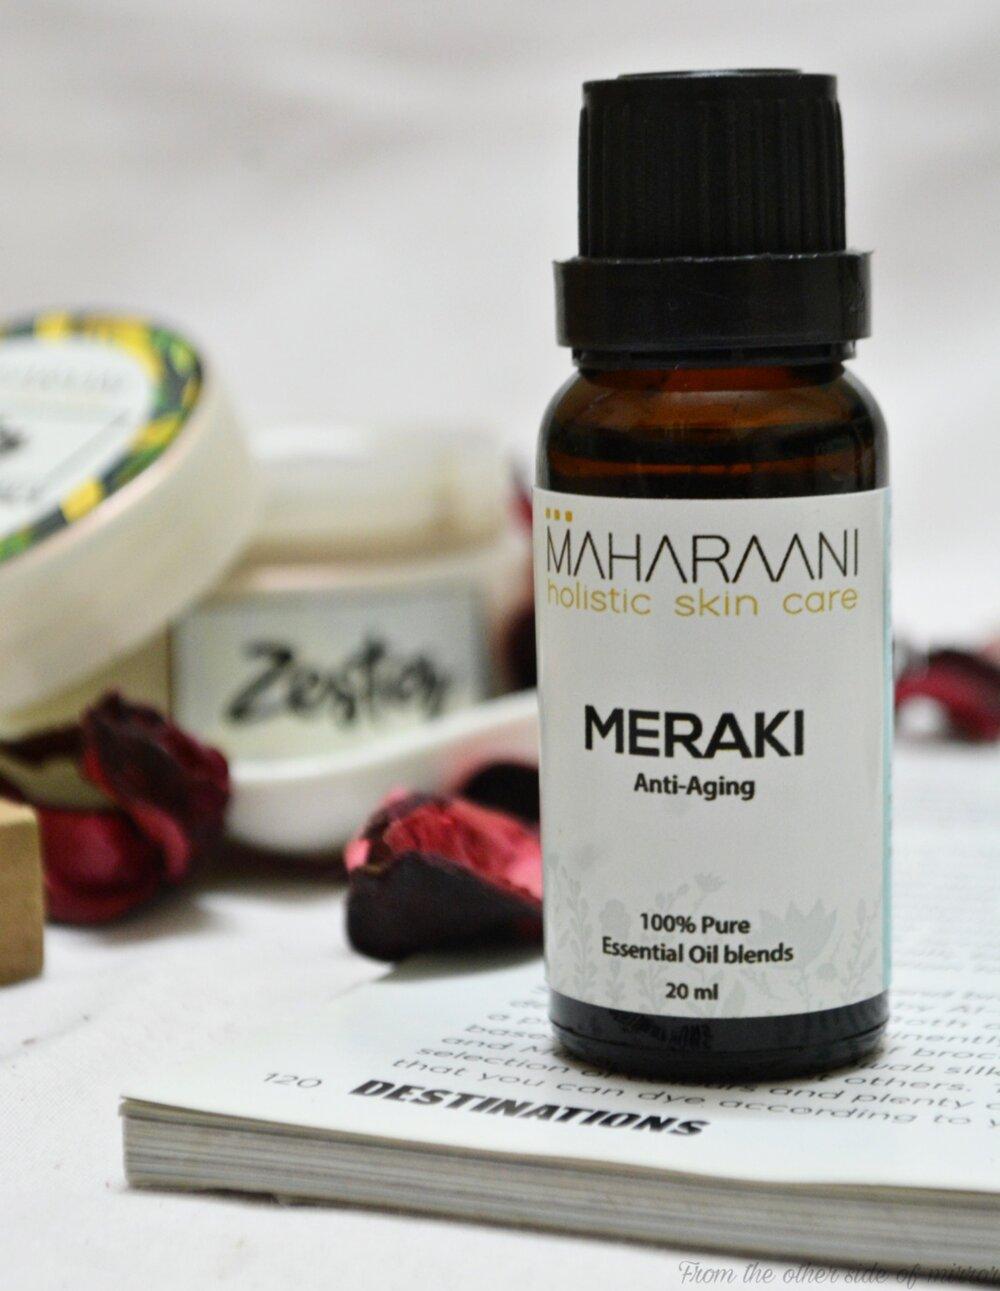 MERAKI Anti Aging Face Oil by MAHARAANI